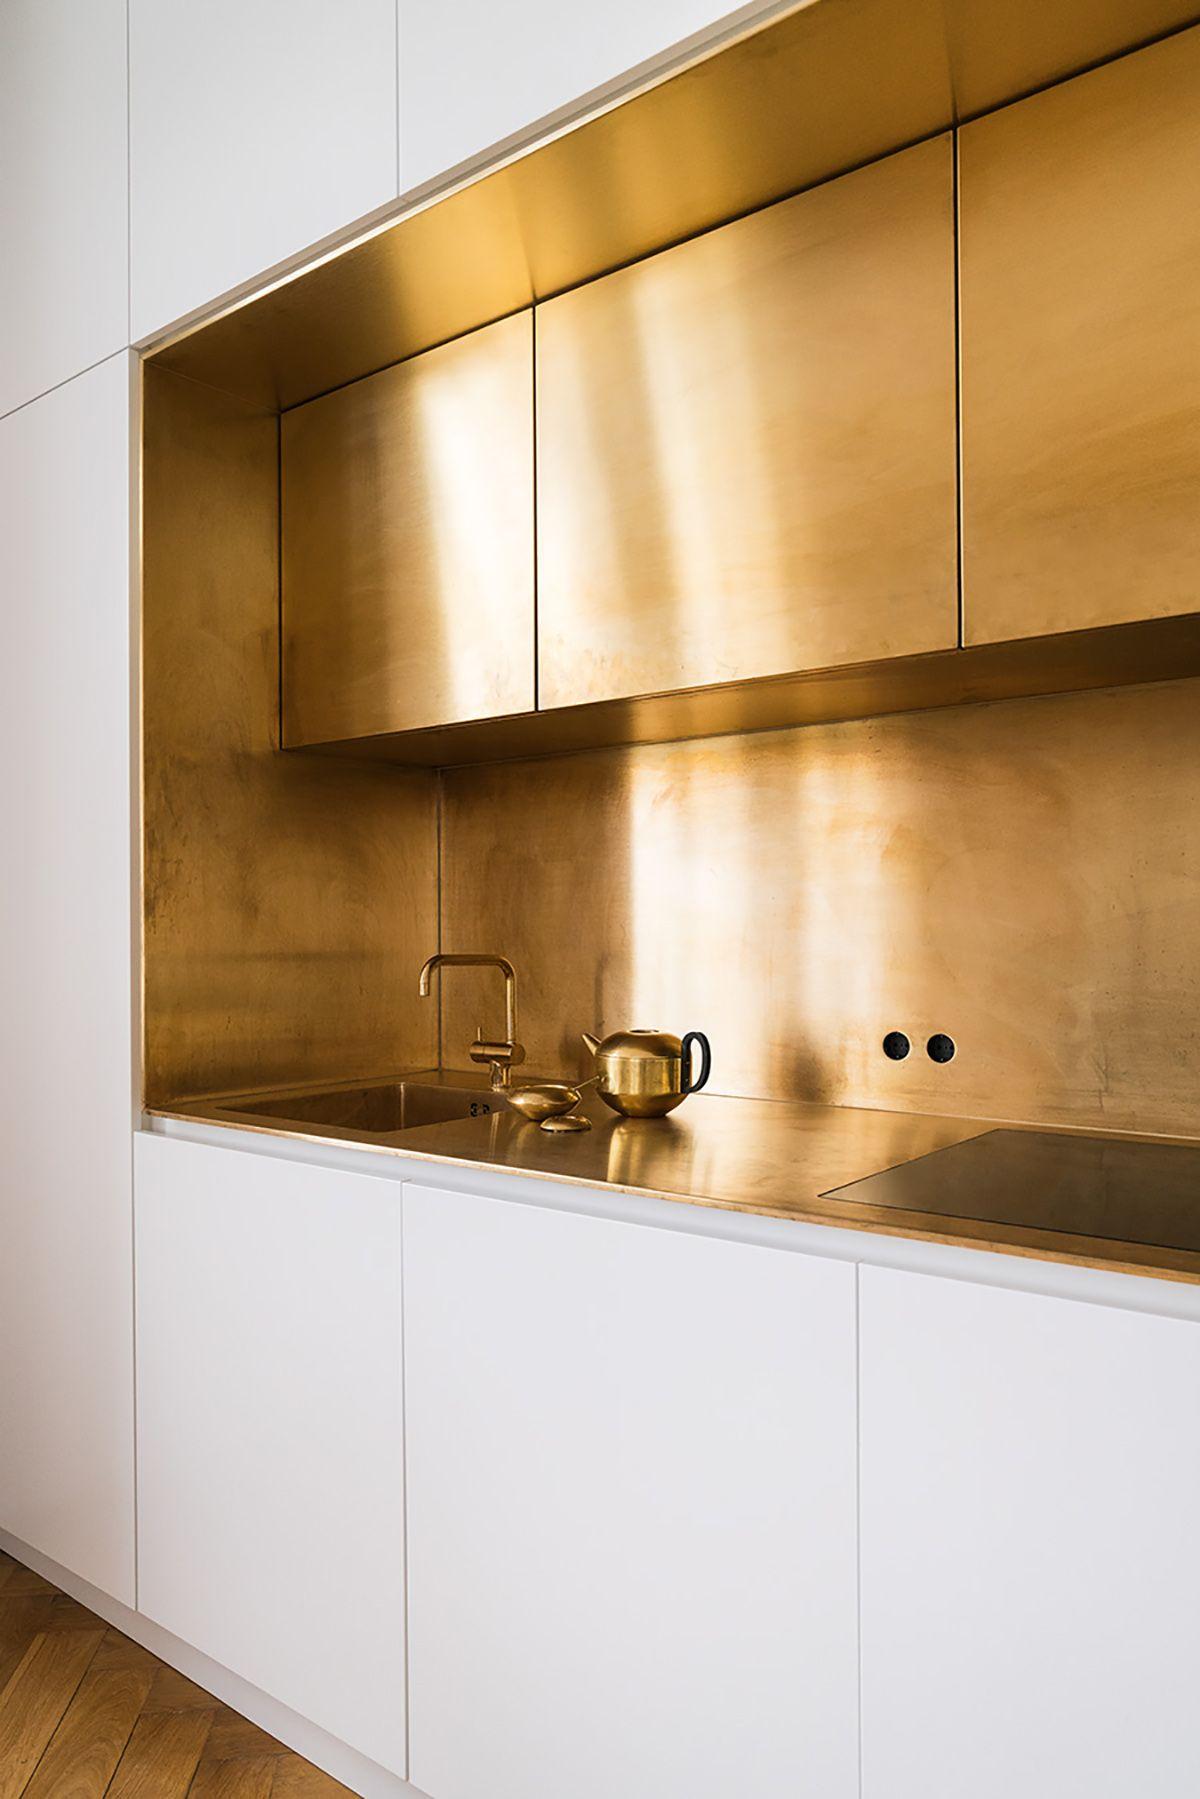 Phụ kiện trang trí cần thiết để tạo nên một phòng bếp quyến rũ - Ảnh 5.